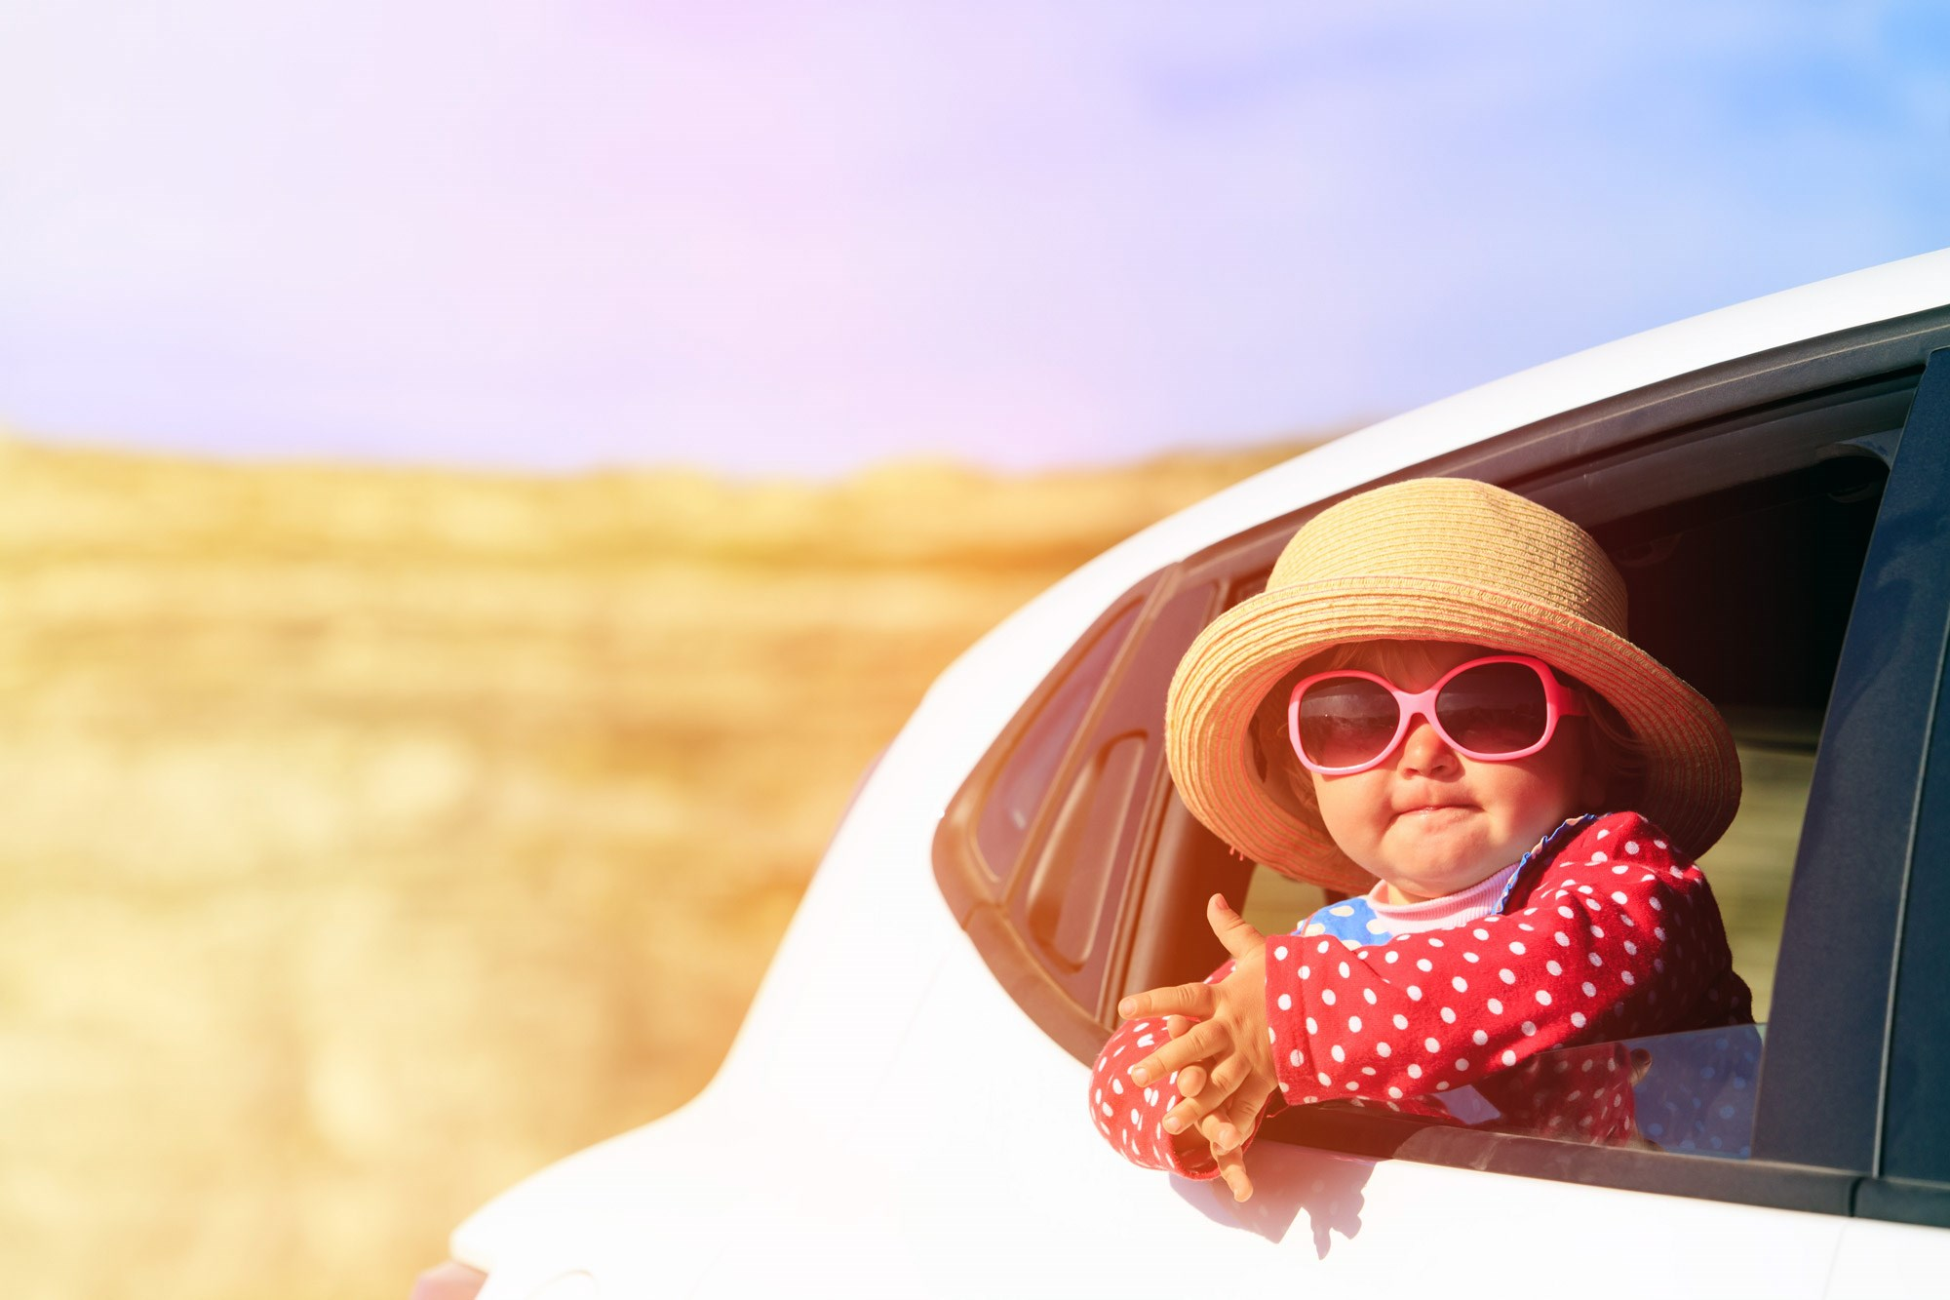 Vacances avec enfants : Location de vacances adaptée aux enfants